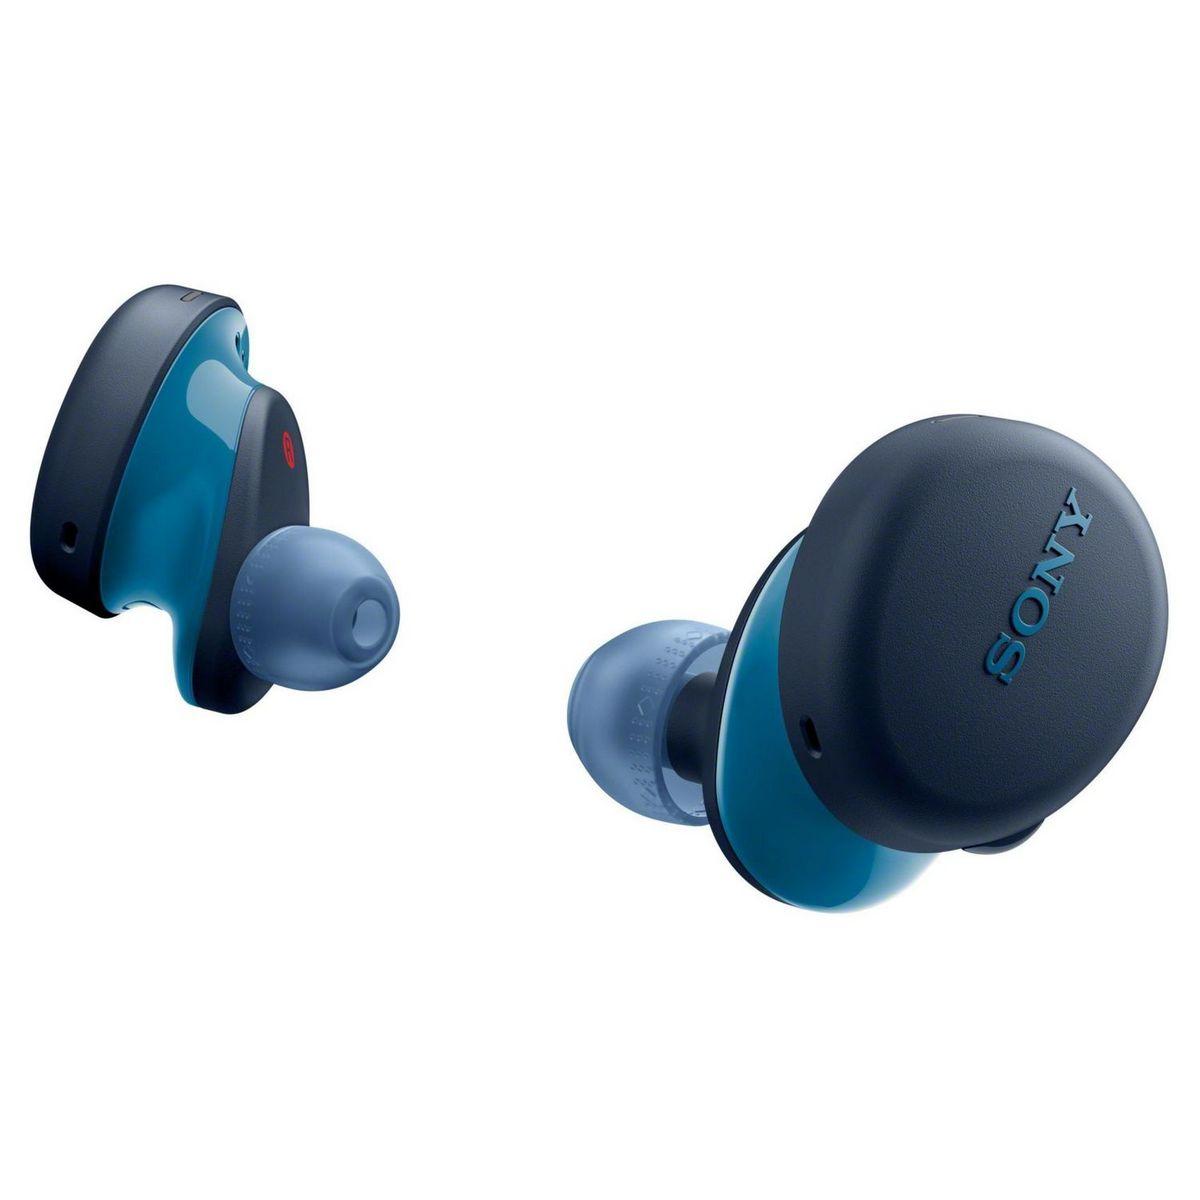 Écouteurs sans fil Bluetooth avec étui de charge - WF-XB700 - Bleu